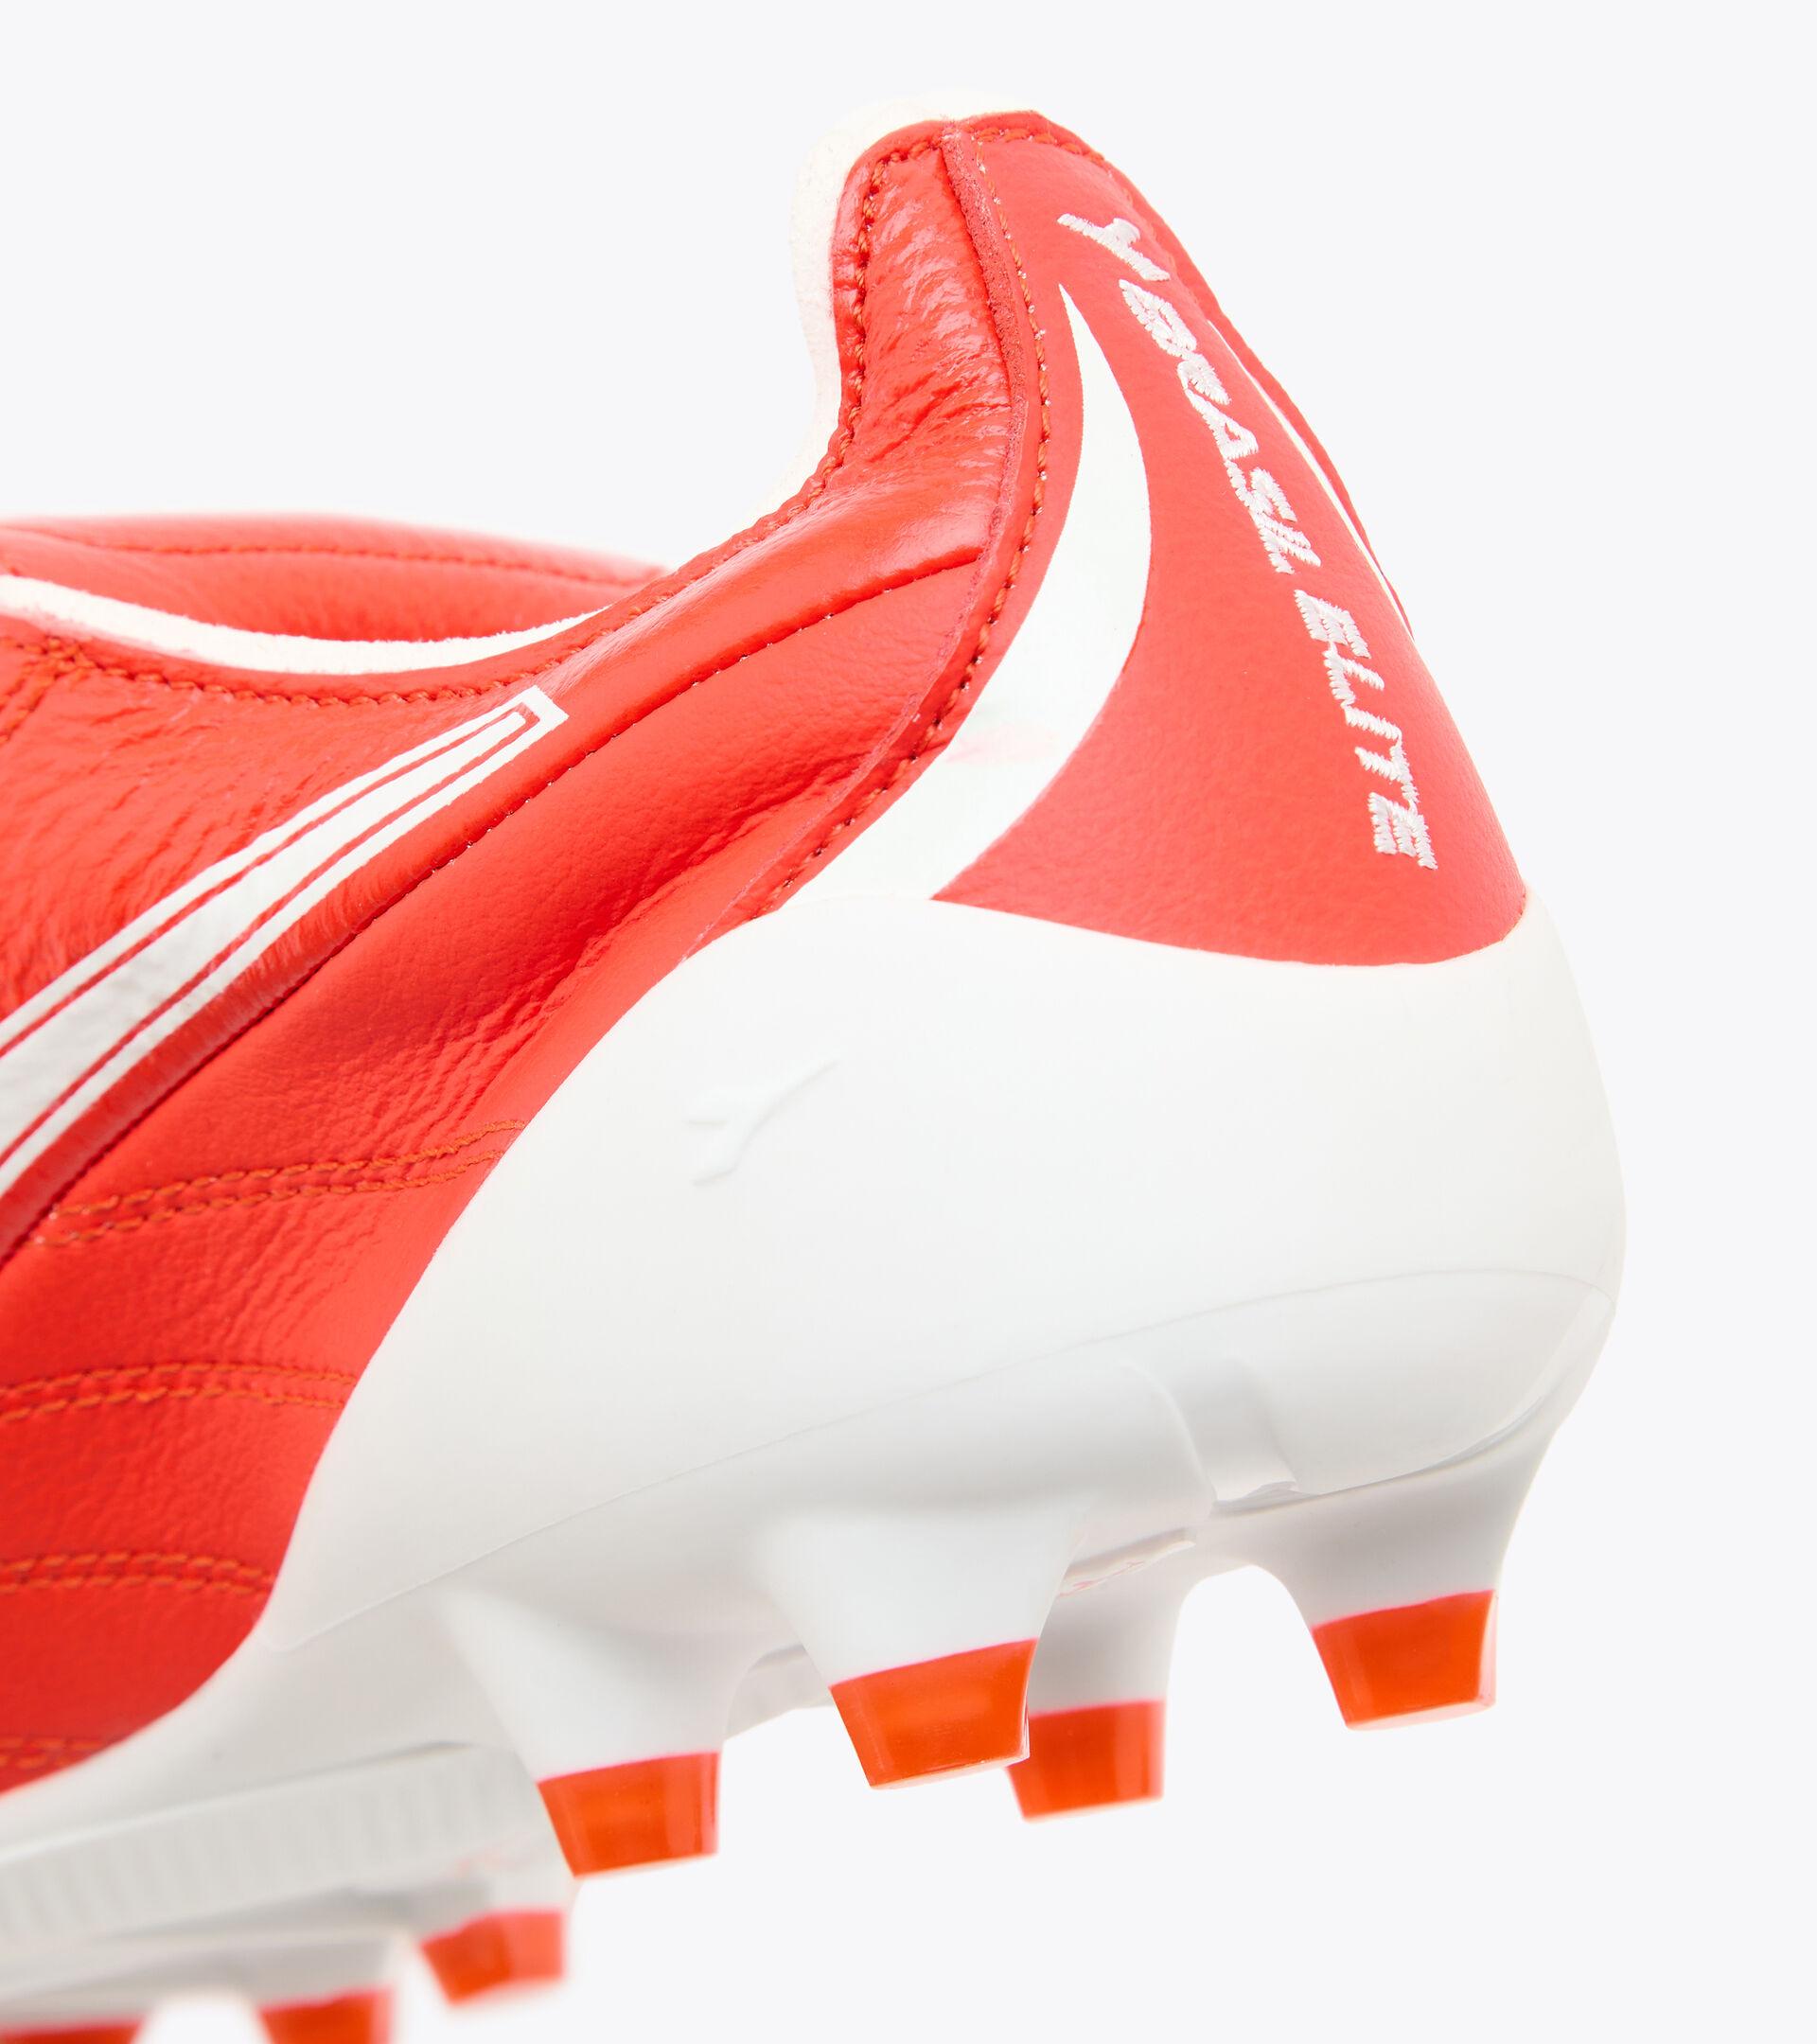 Fußballschuh für kompakte Böden BRASIL ELITE TECH T ITA LPX FLUO ROT/WEISS - Diadora